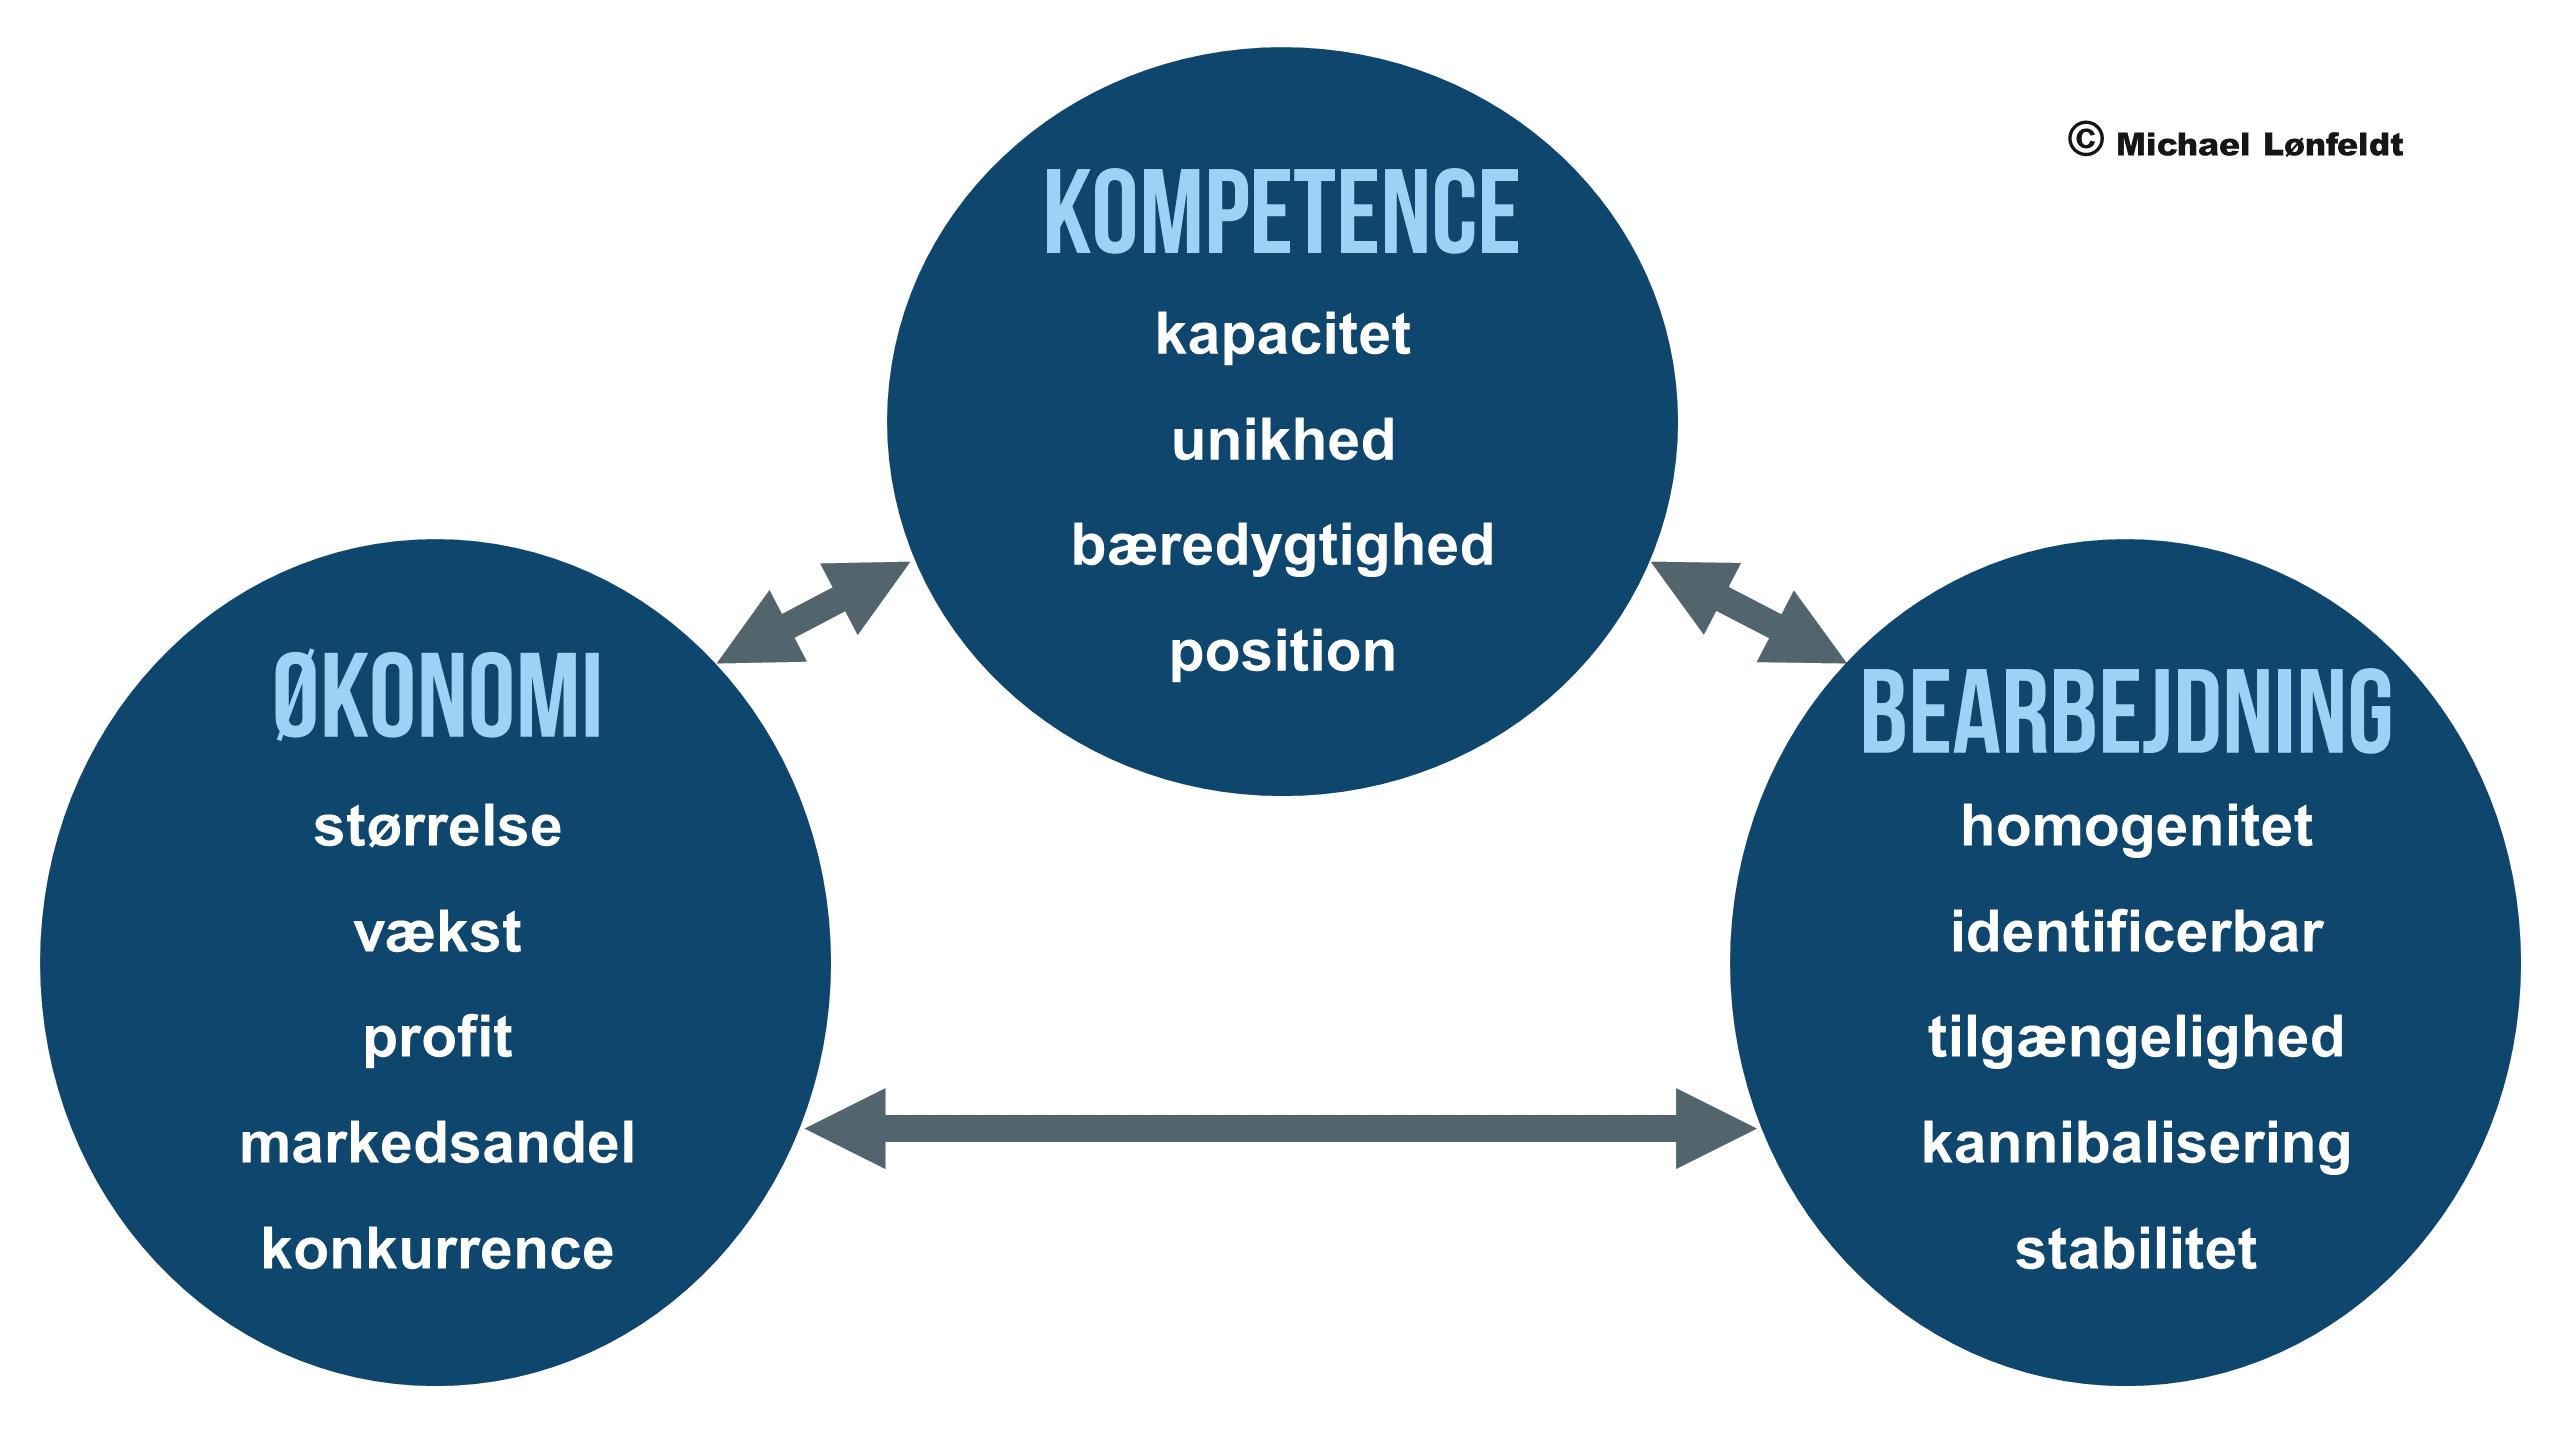 BØK modellen - evaluering af segmenter og valg af målgrupper